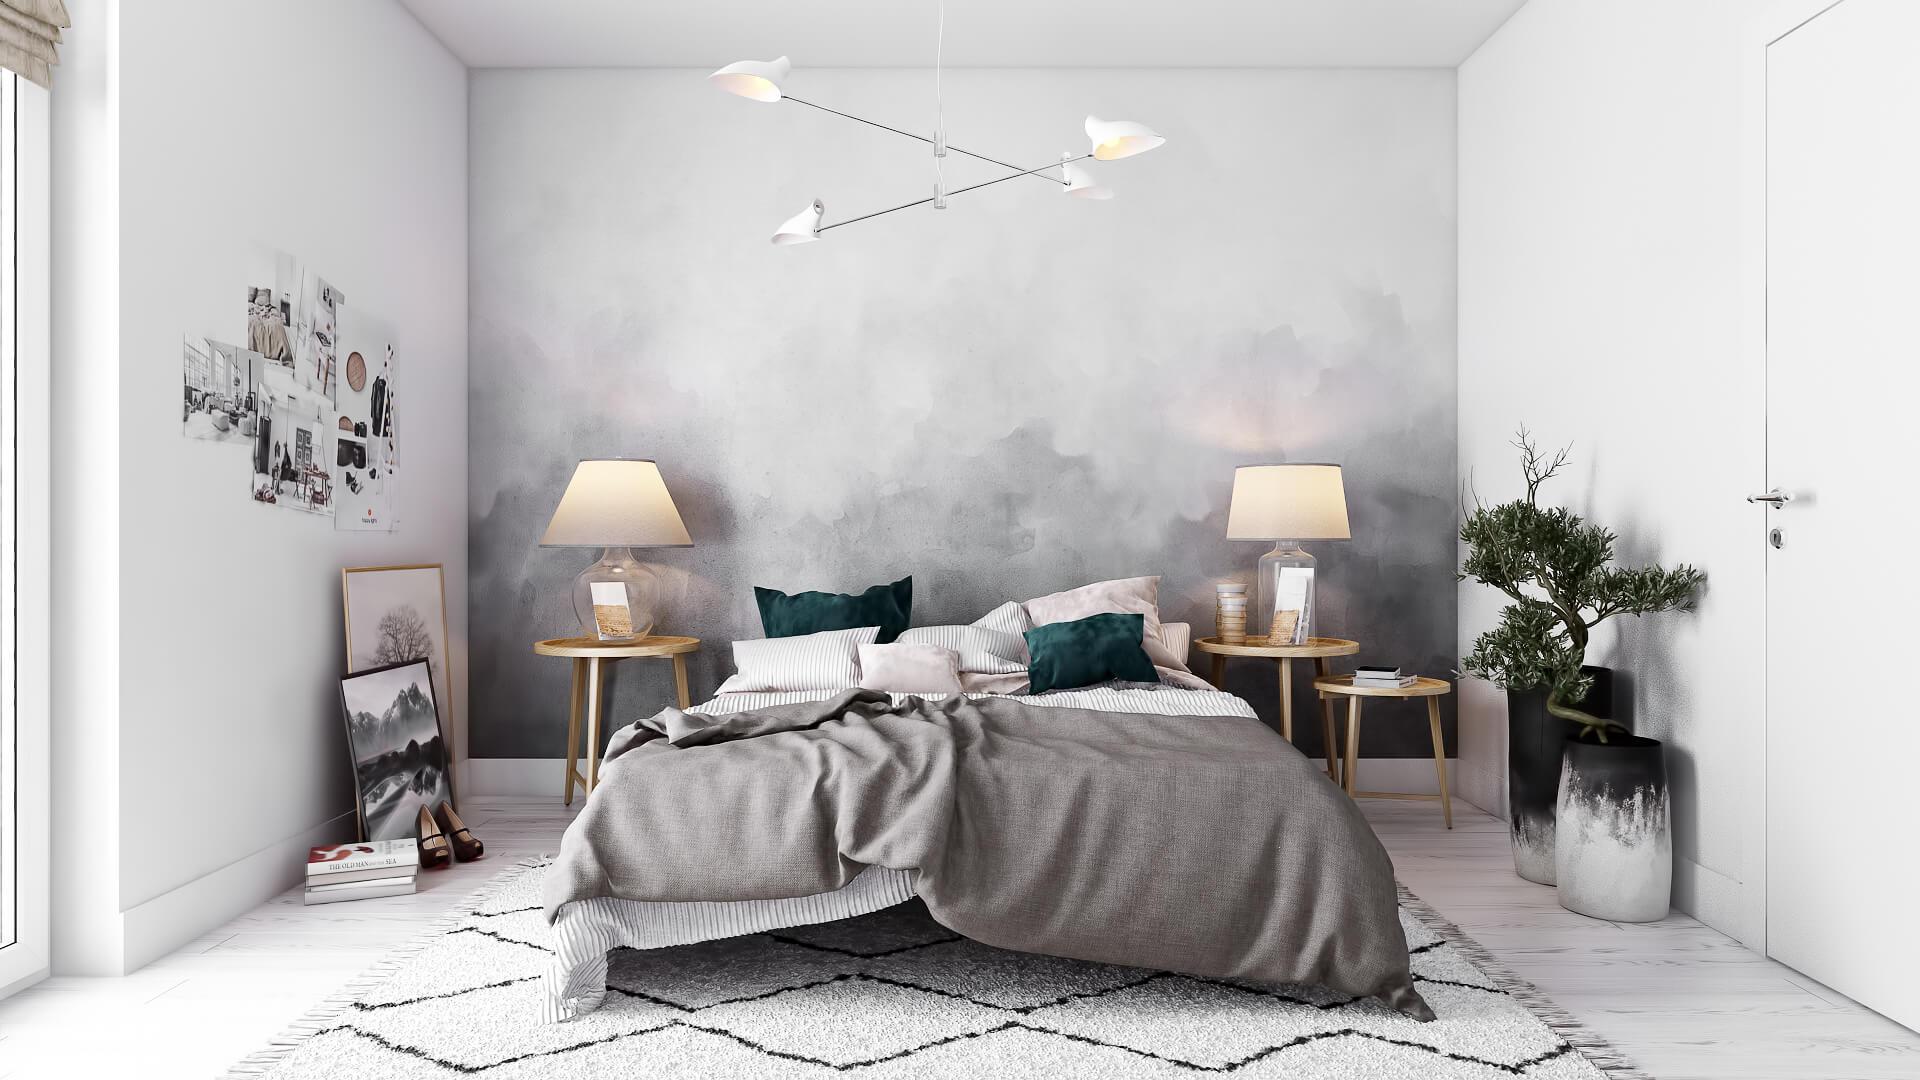 3D Rendering Of a Bedroom In Scandinavian Style